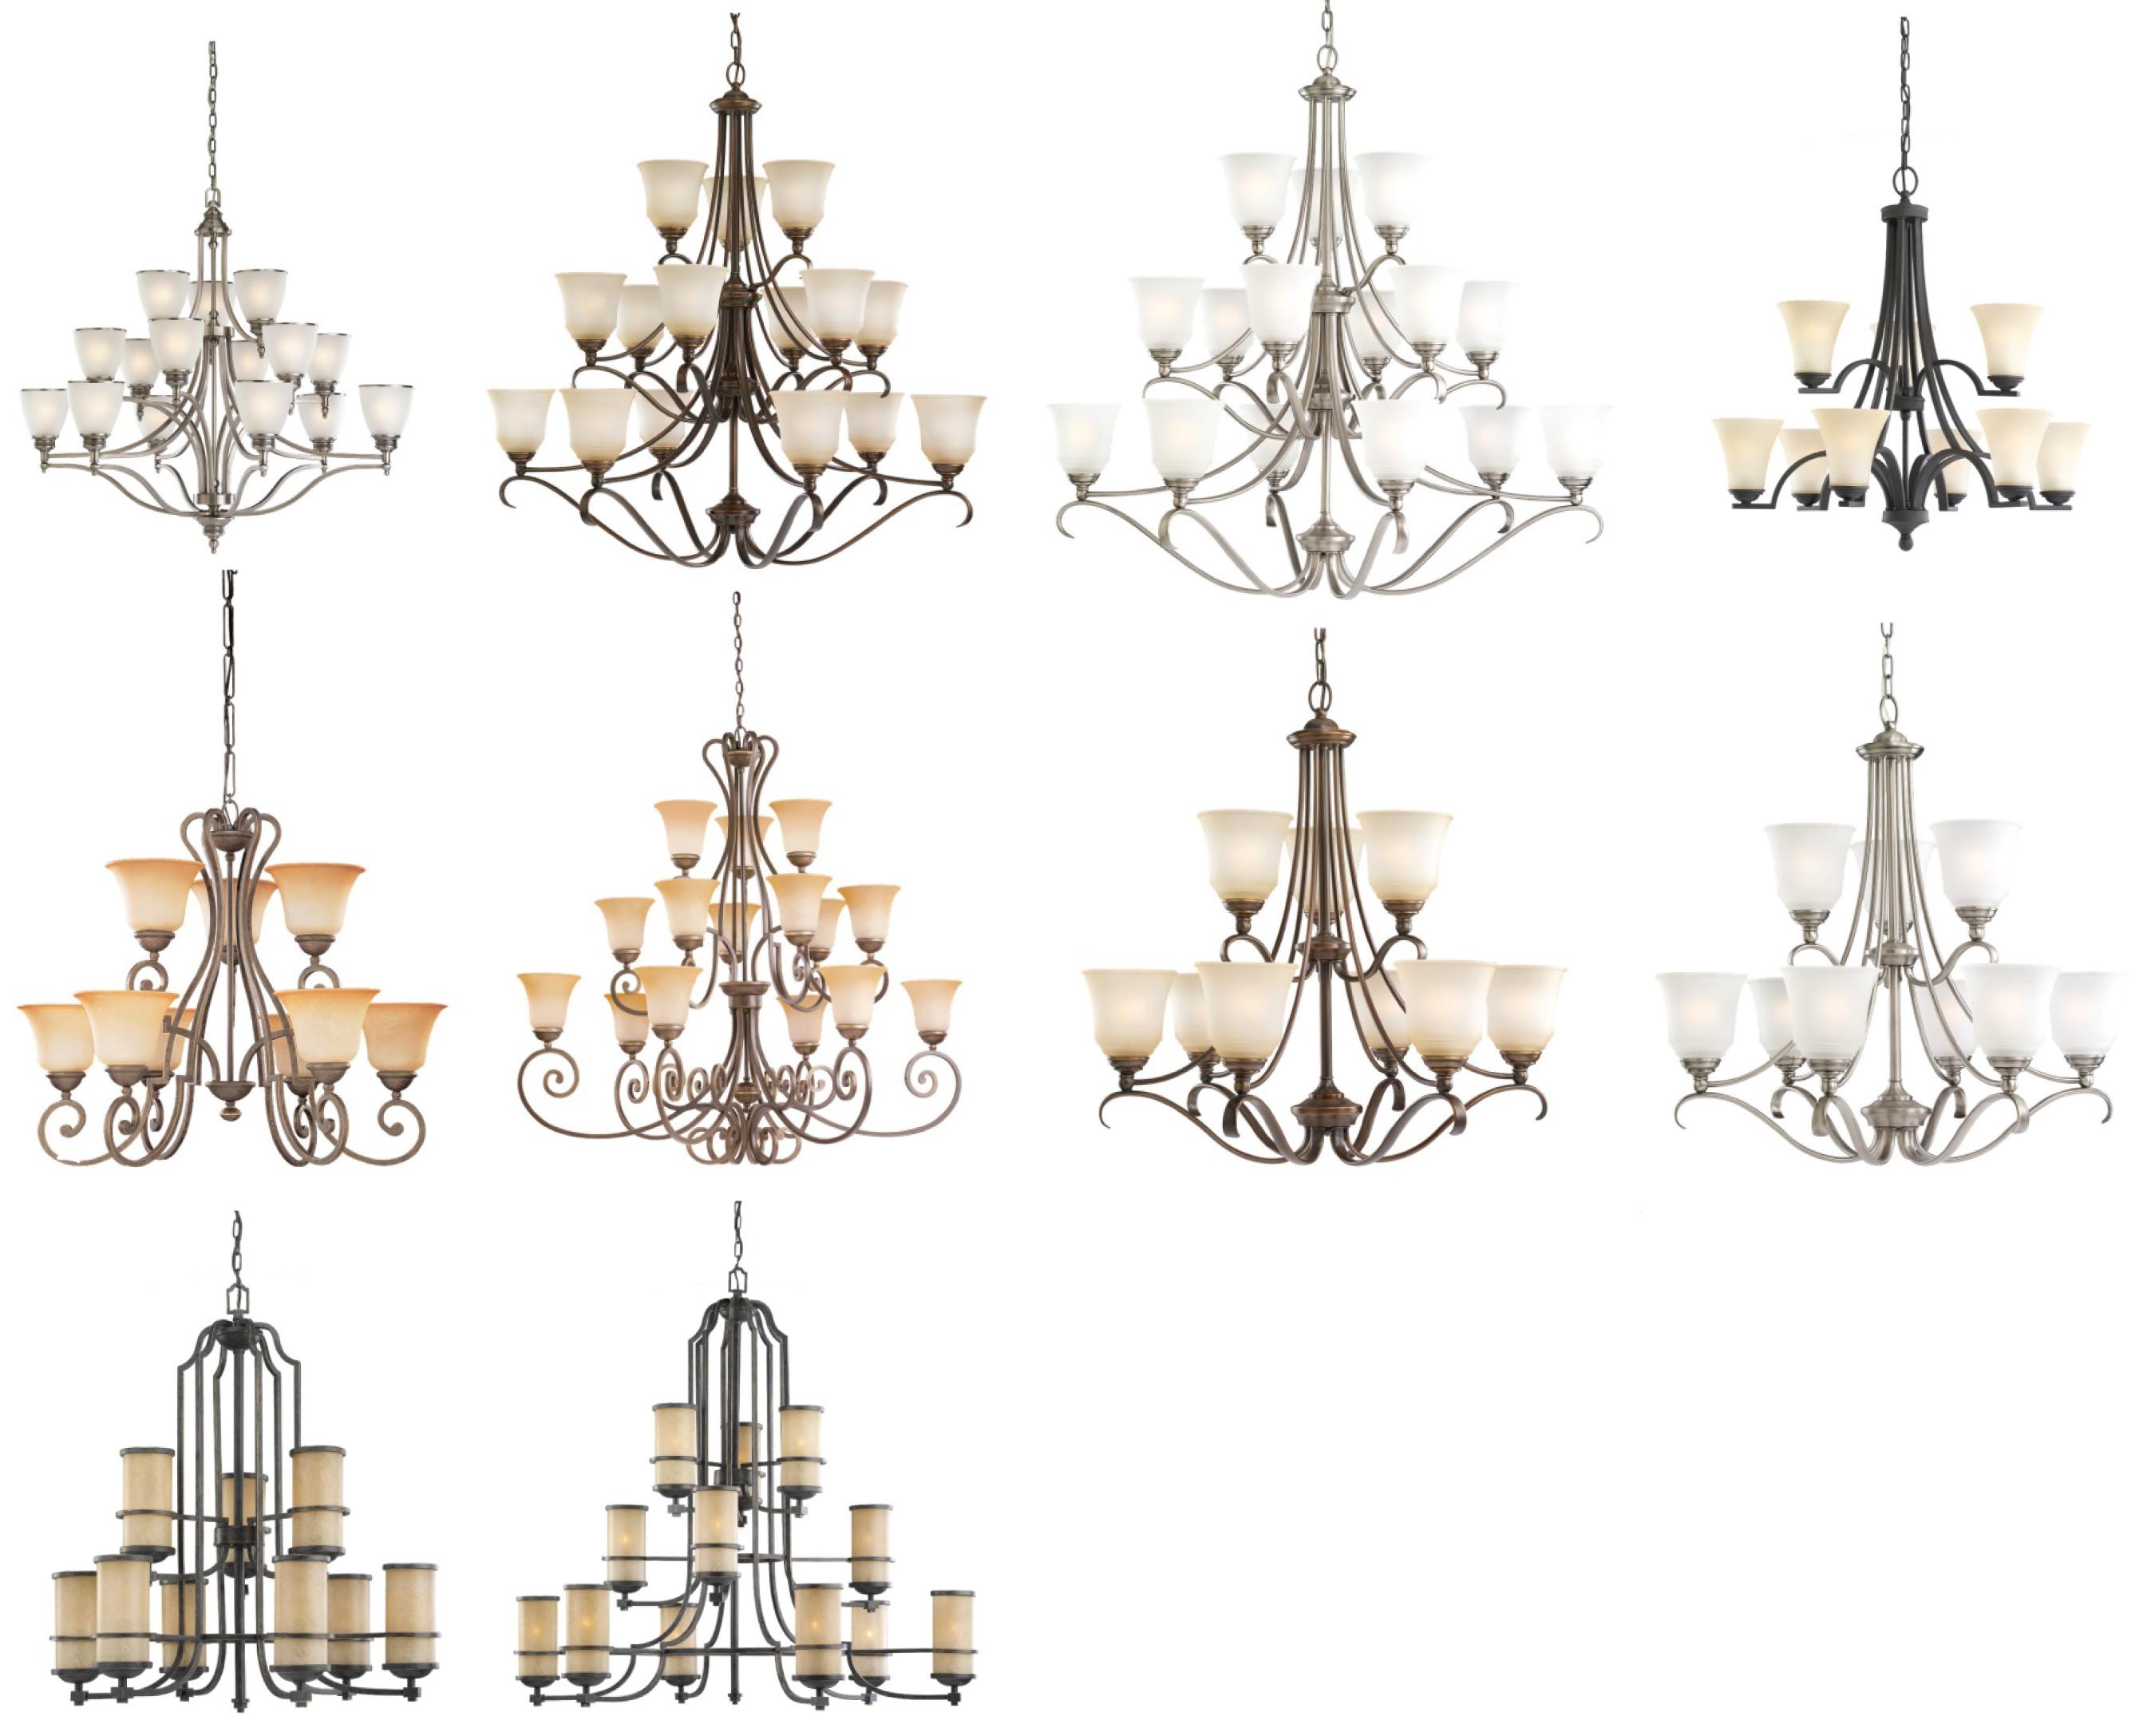 restoration hardware marseilles chair build adirondack chandeliers trendy stunning white kitchen with brass